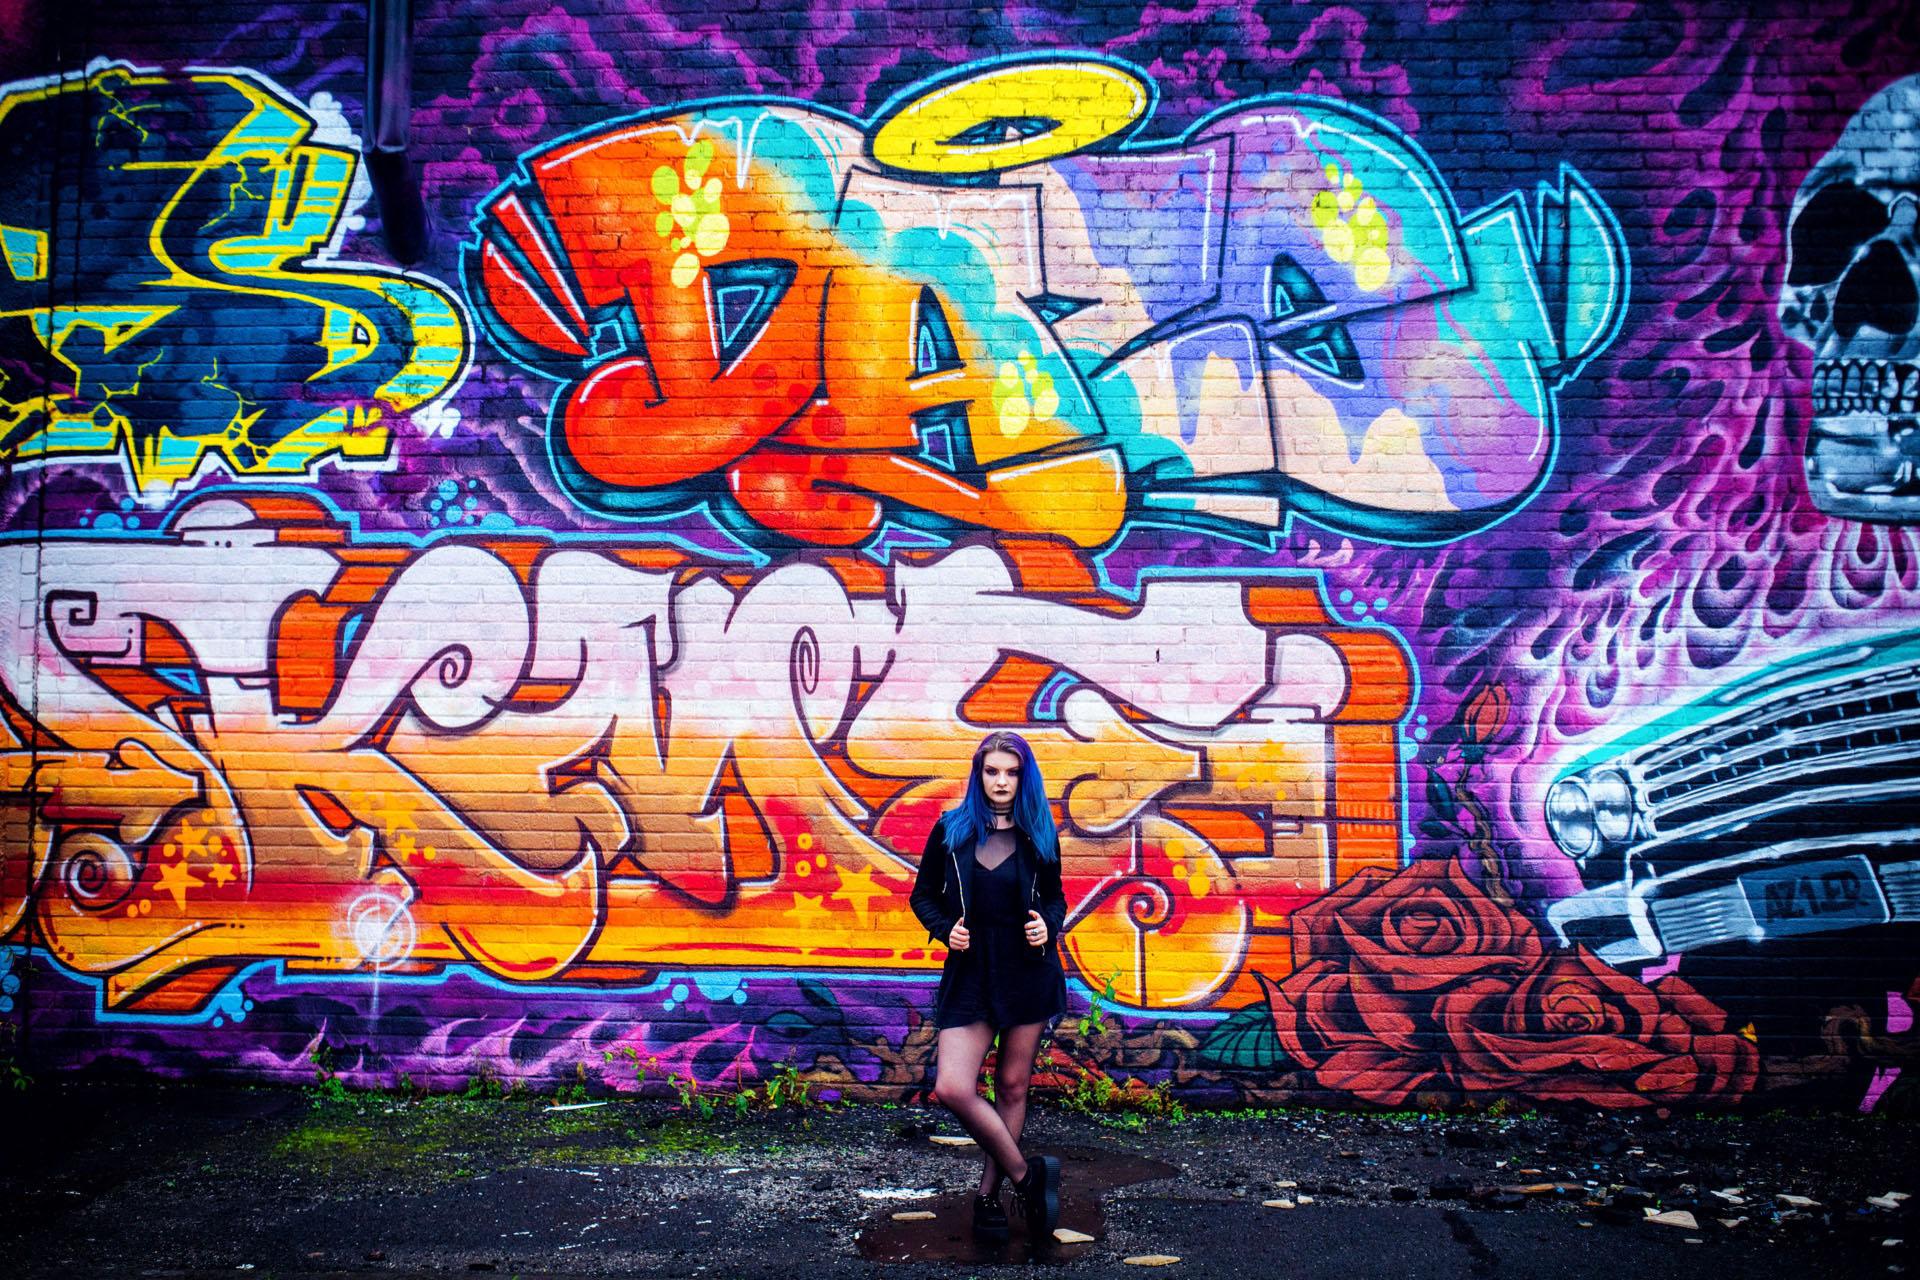 graffiti portrait photo